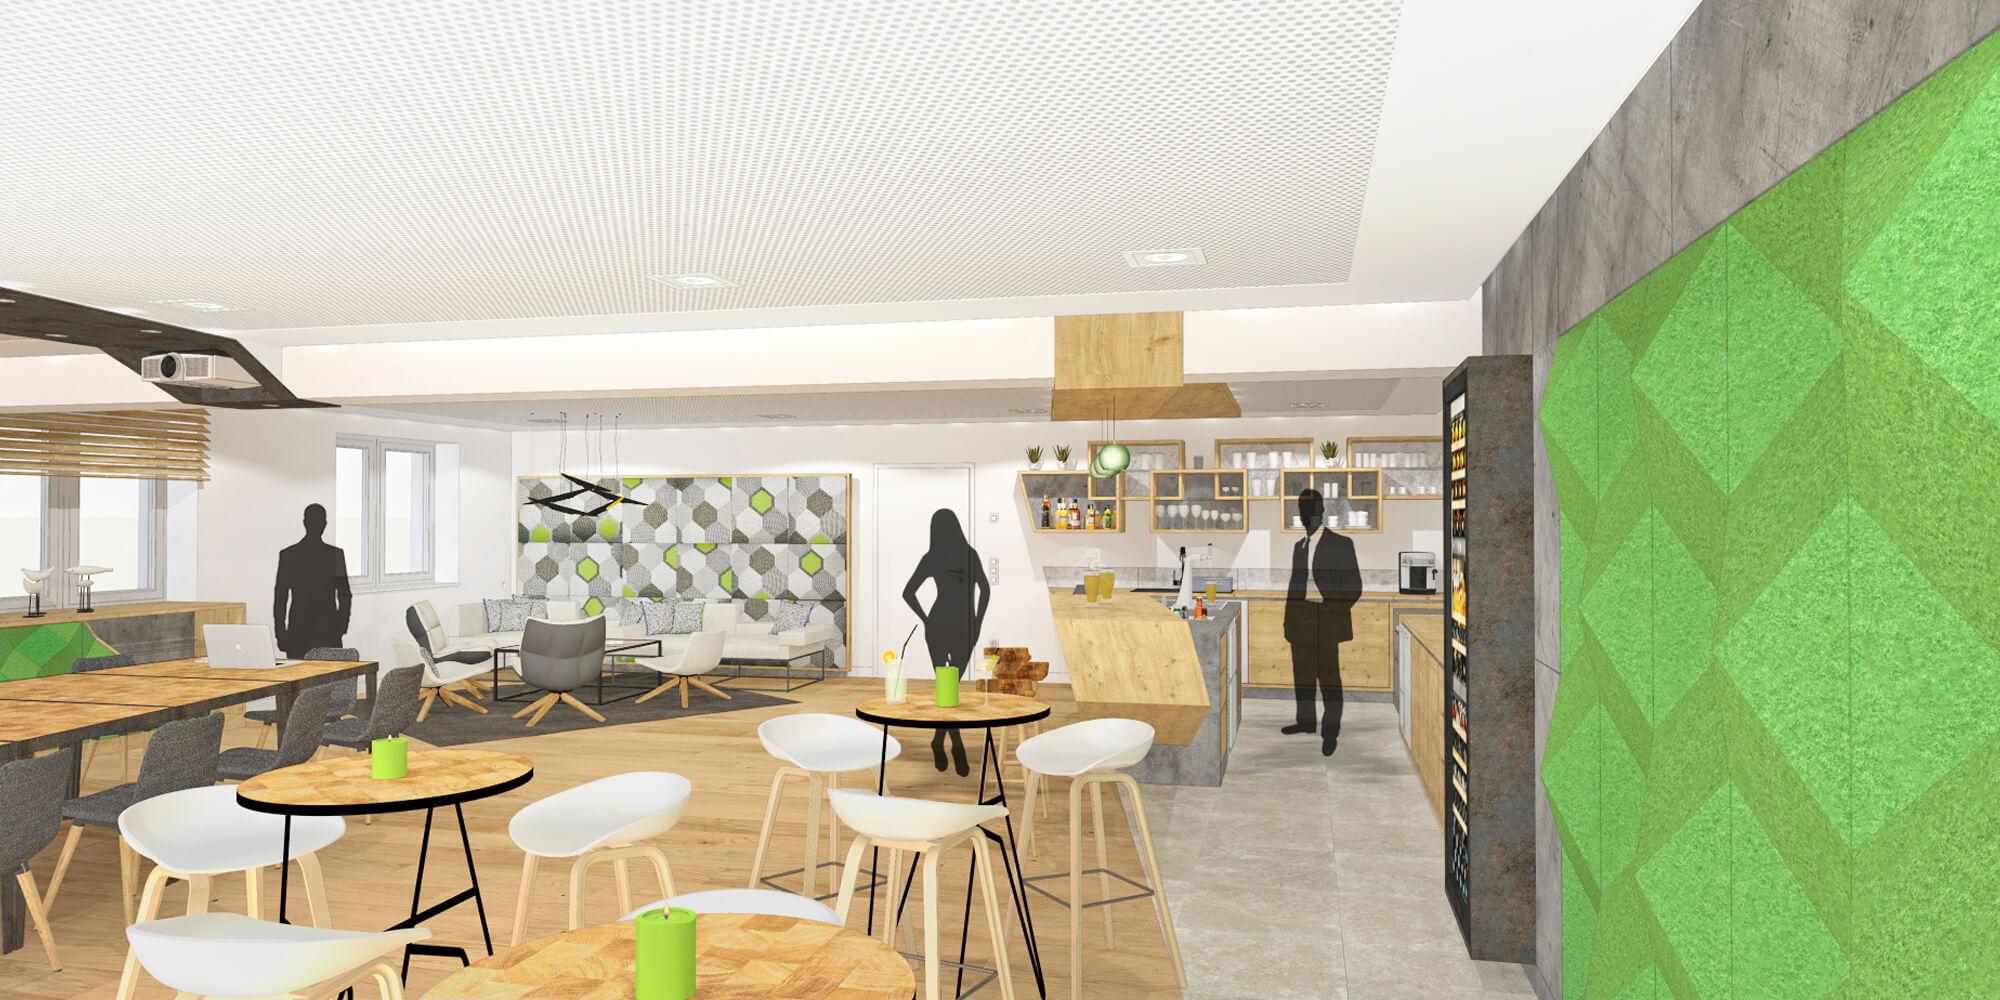 Cre-Plan-Design-Rauch-Frühmann-Architektur-Innenarchitektur-Design-Projekt-Referenz-Innenarchitektur-Möbeldesign-Einrichtung-Firma-Ganser-Seminarraum-5